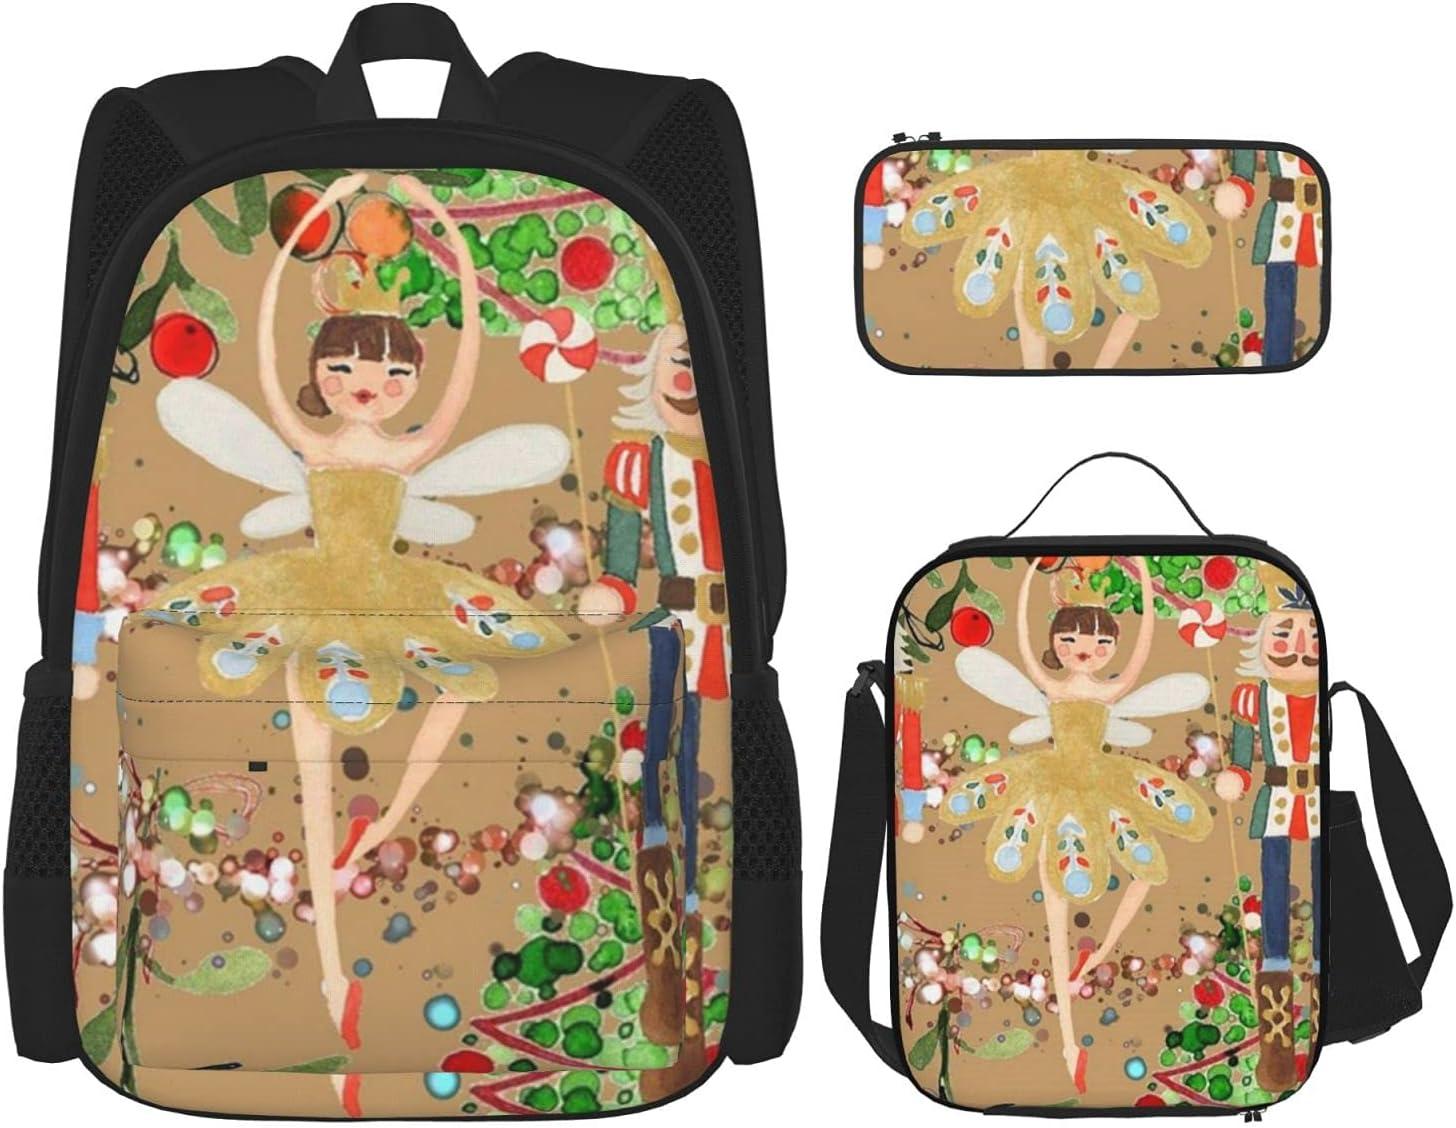 Christmas Gold Nutcracker Backpack Set Boys 3-Piece B Regular store Girls Teen Max 63% OFF